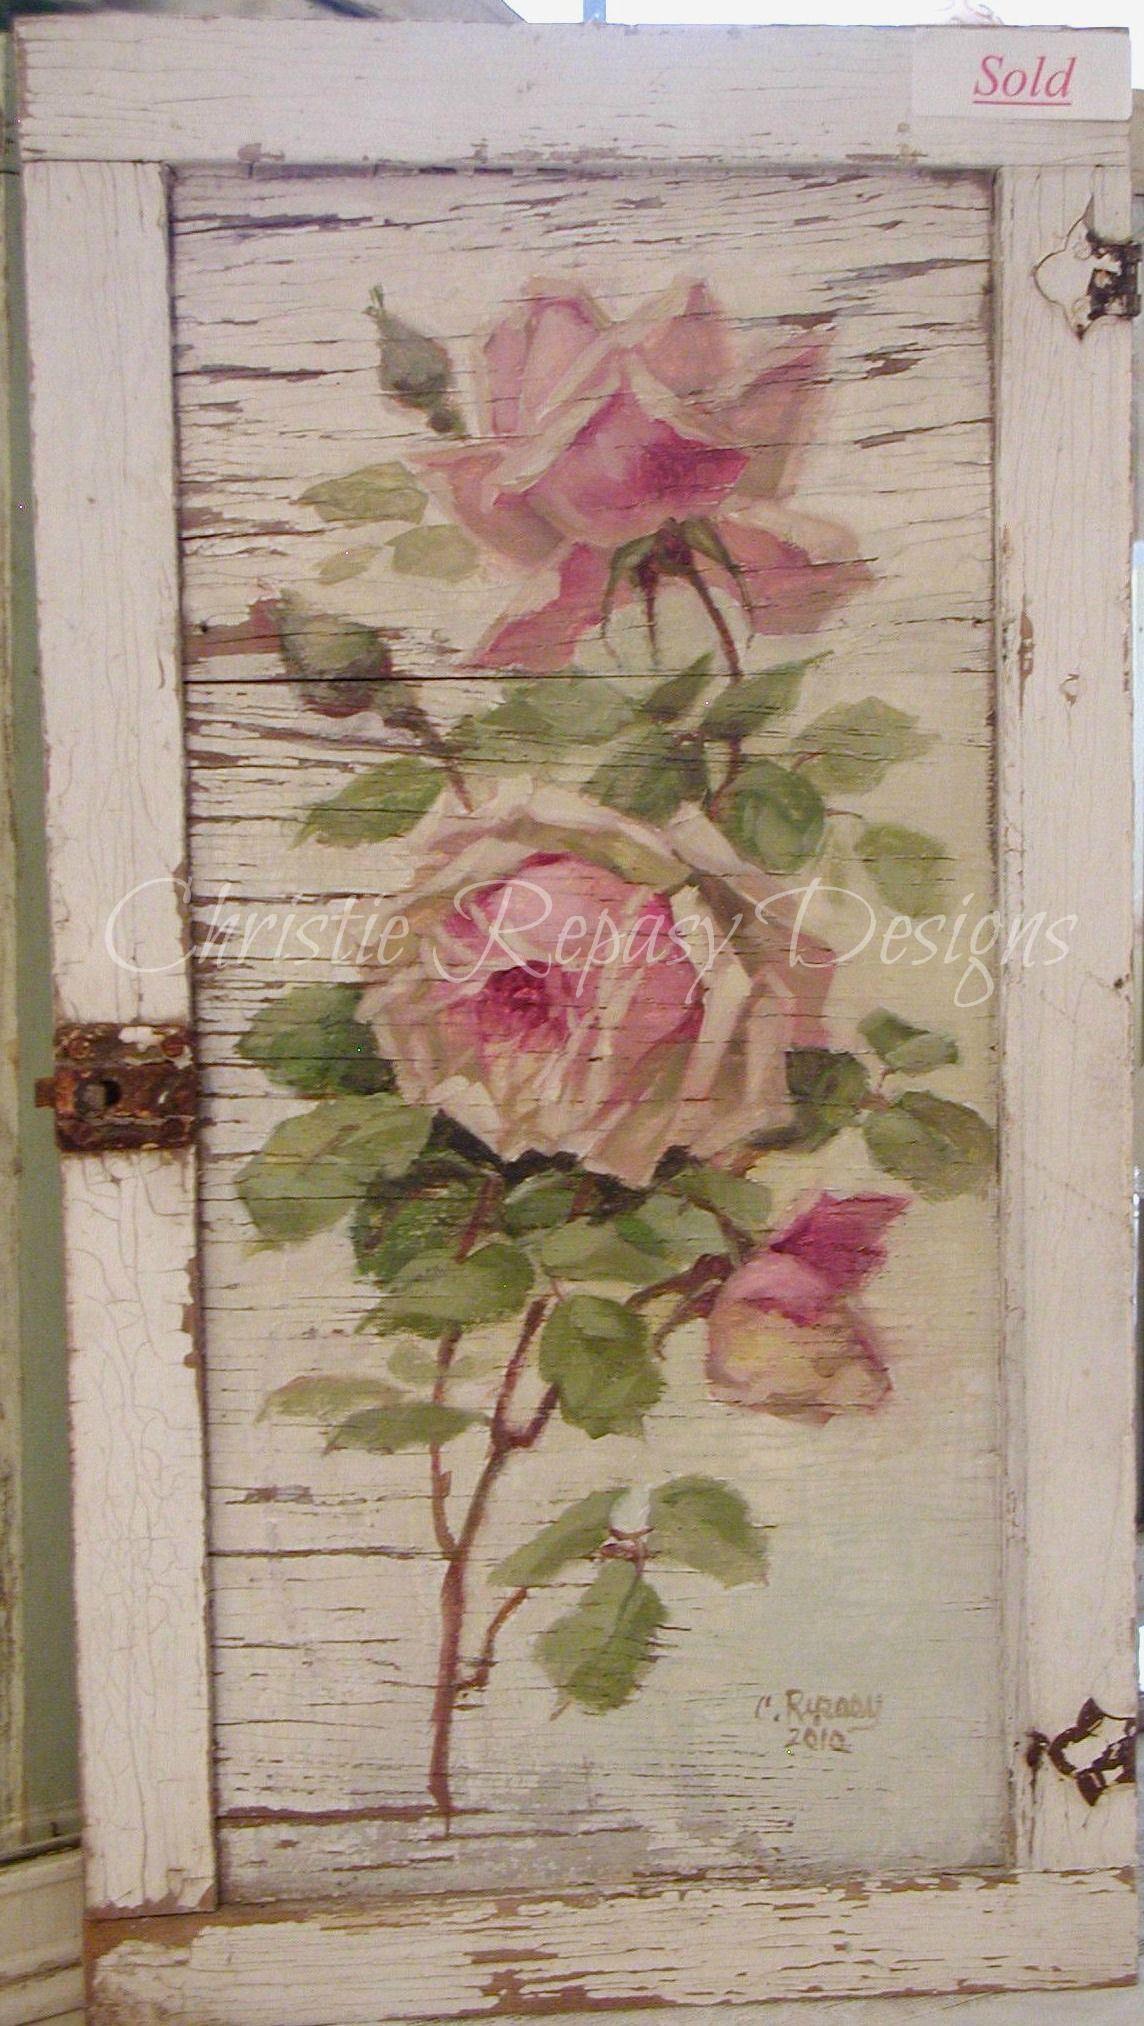 Carrelage Salle De Bain Dore ~ Original Rose On Tattered Door Design After C Klien C Repasy